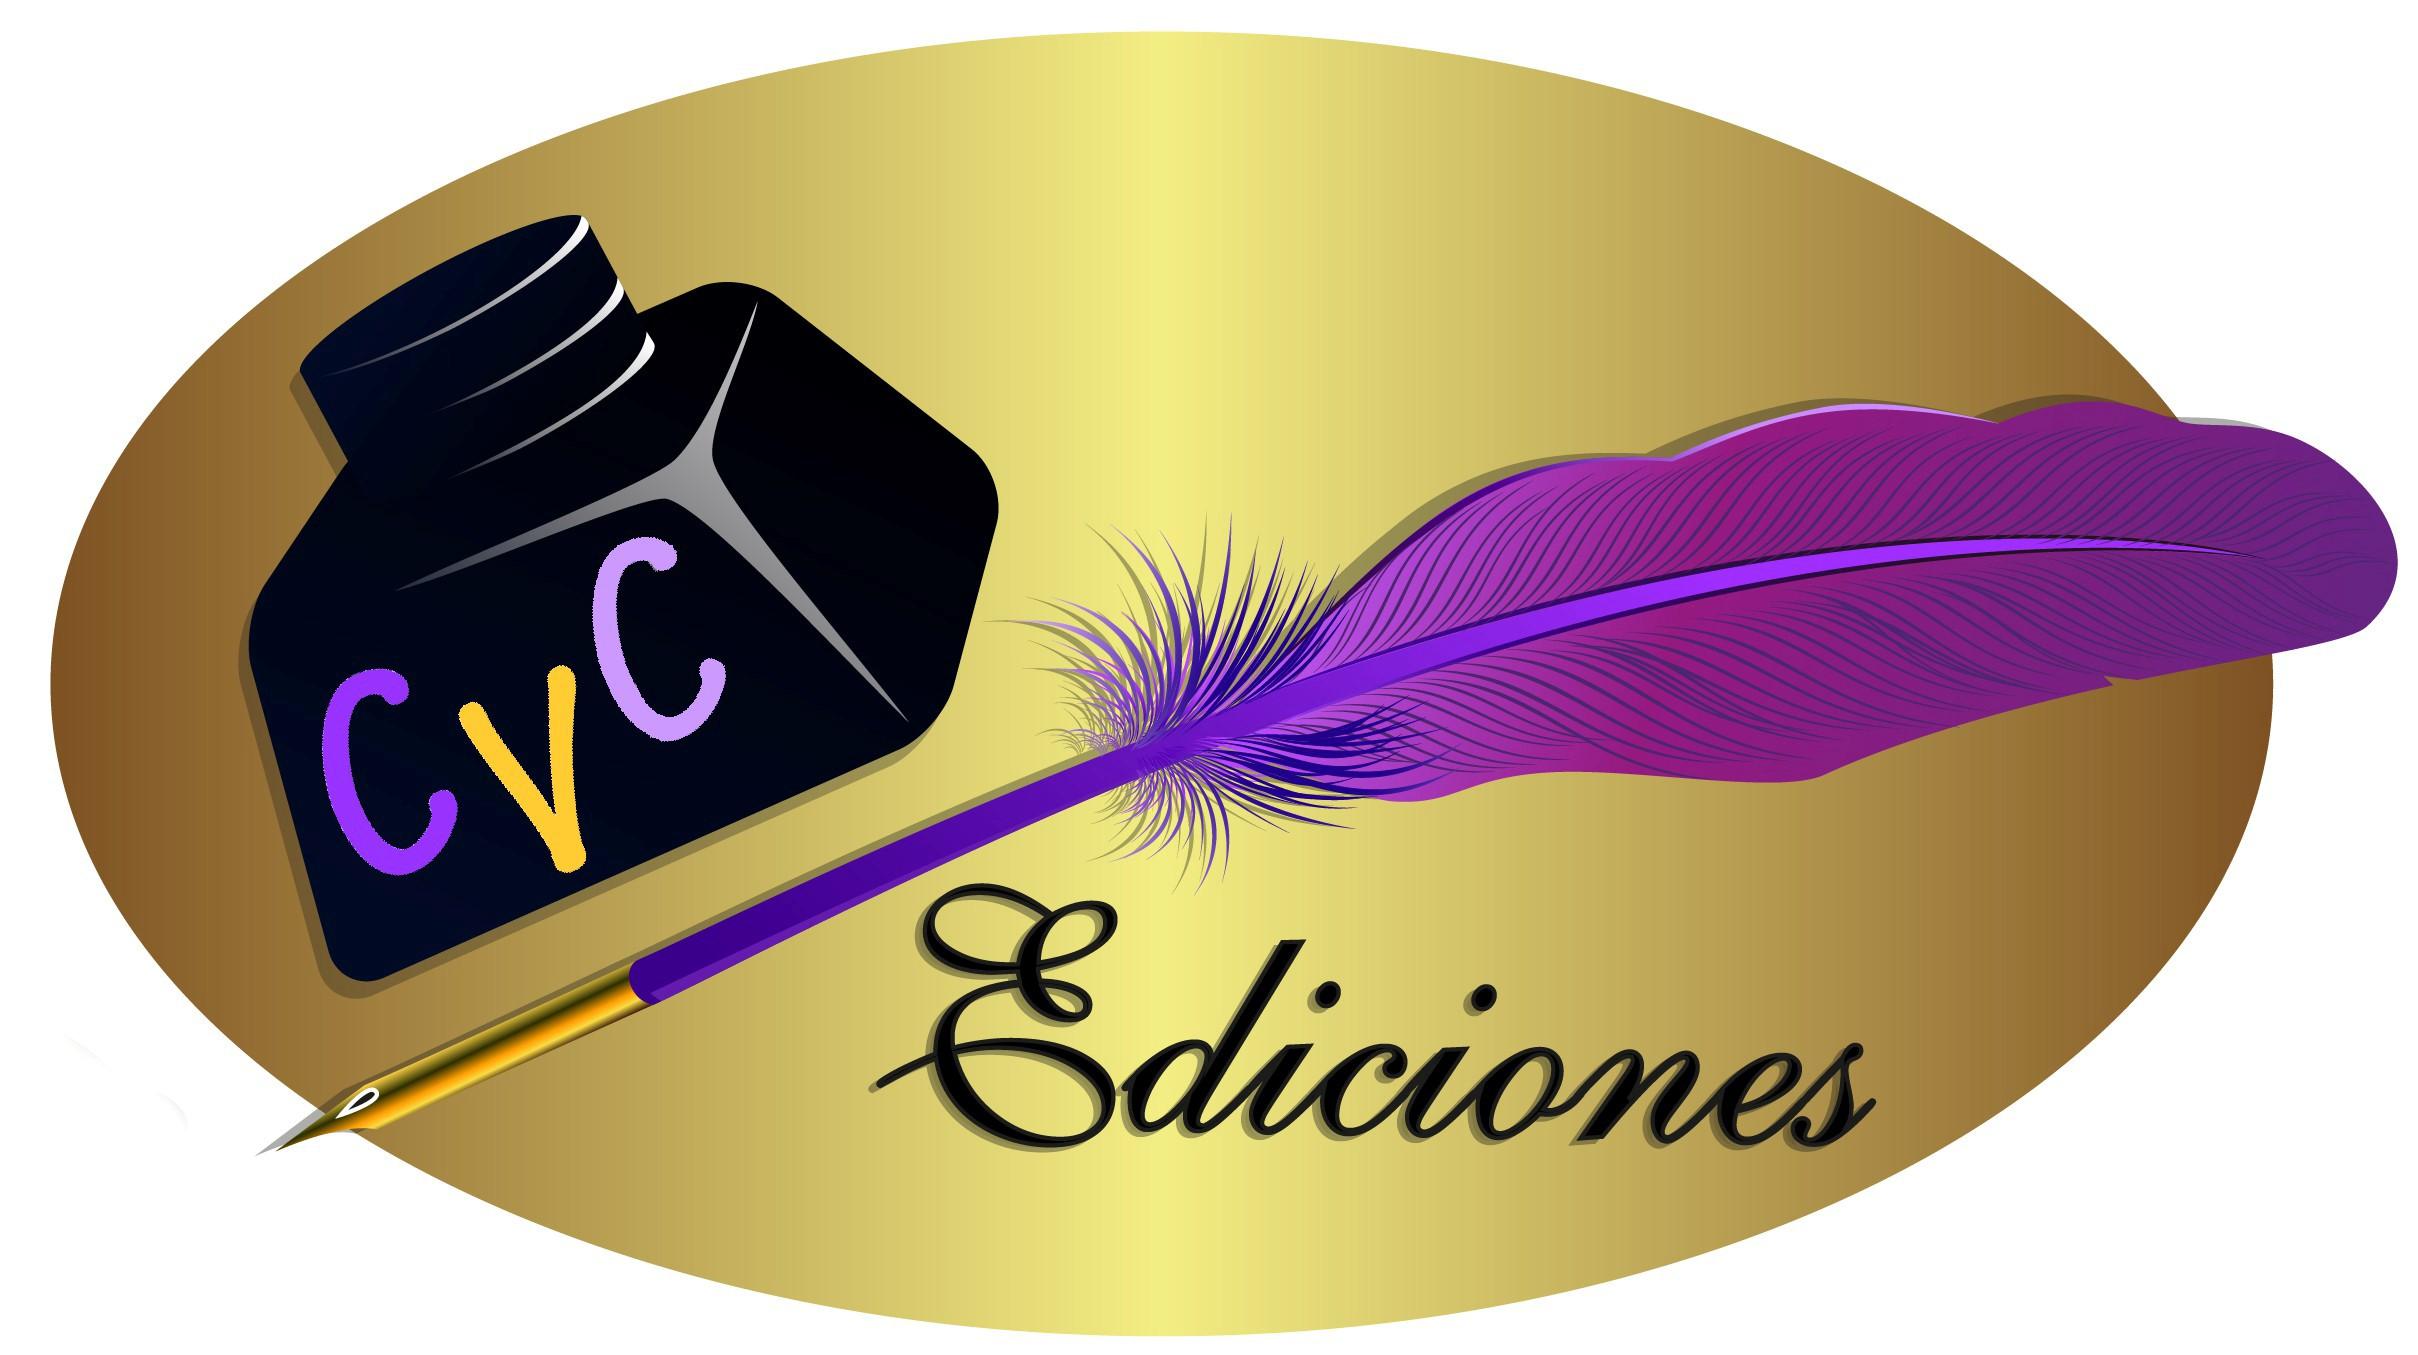 Logo CVC Ediciones